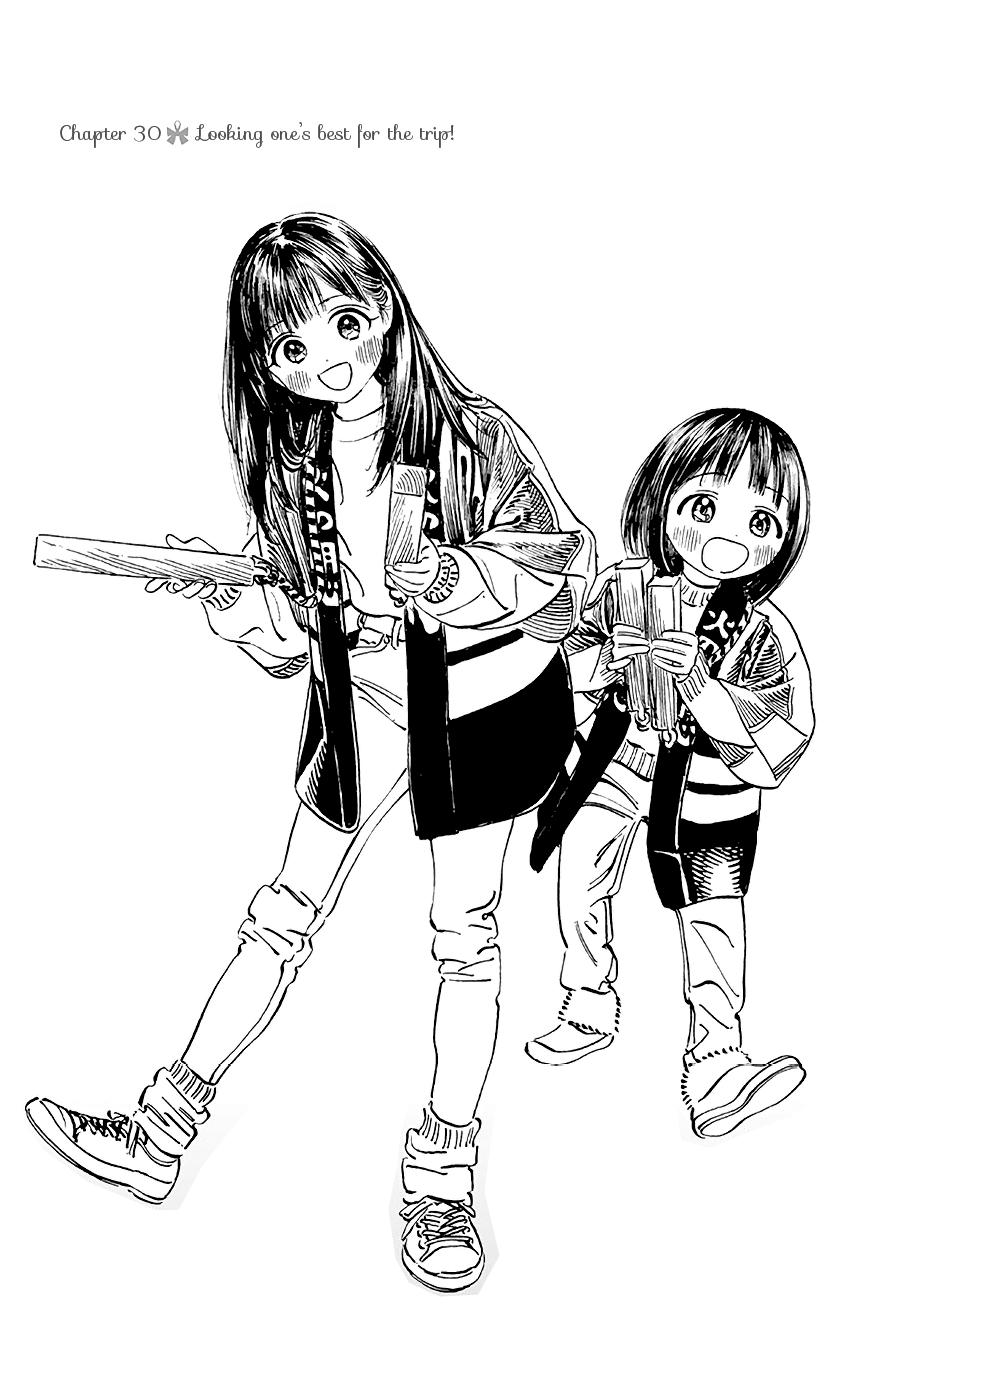 https://manga.mangadogs.com/comics/pic4/36/18532/2018732/3894de97e081b06e5749a83e6bed2399.jpg Page 1